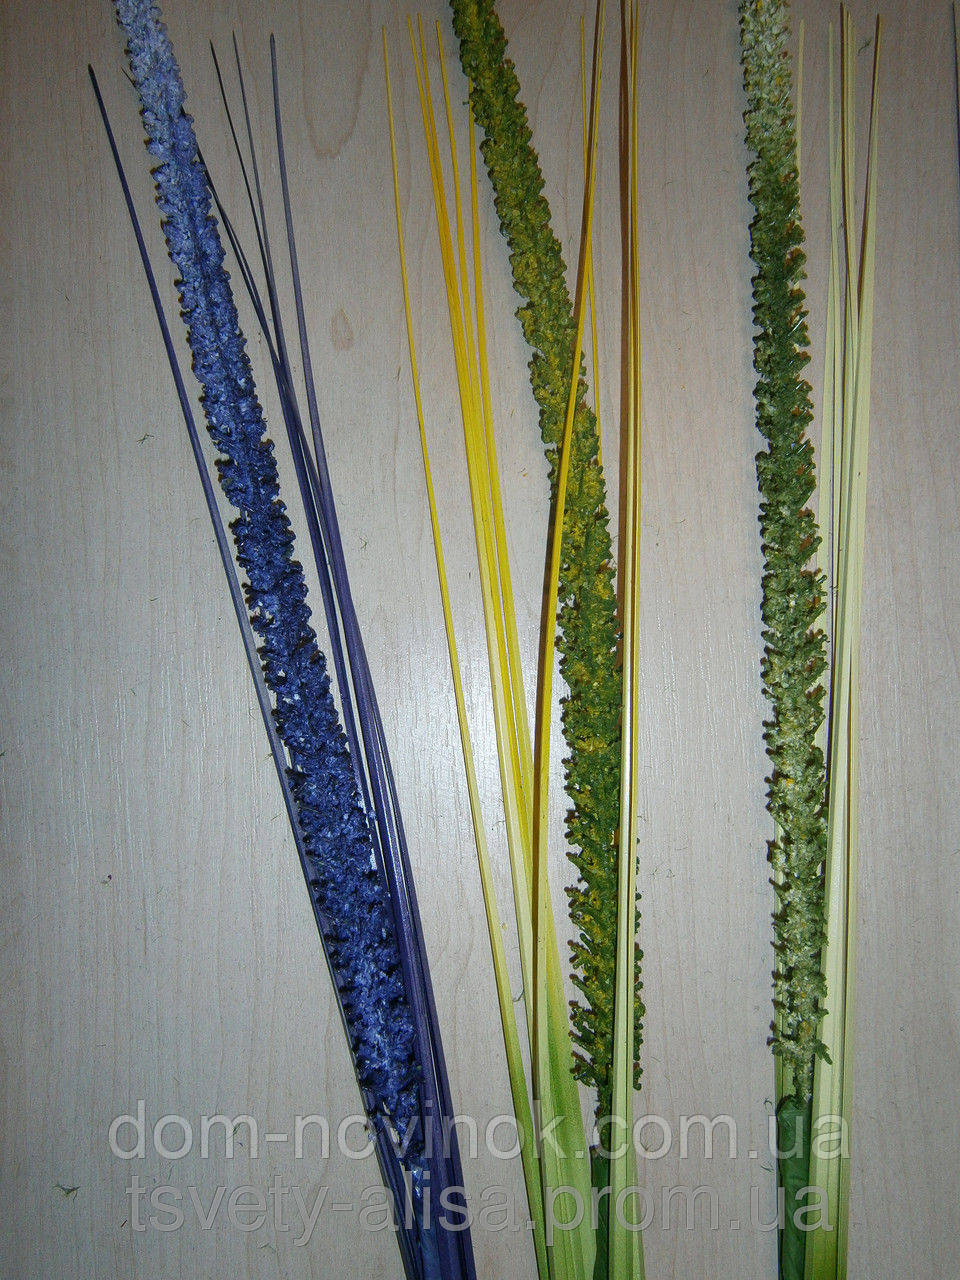 Трава искуственная - щавель